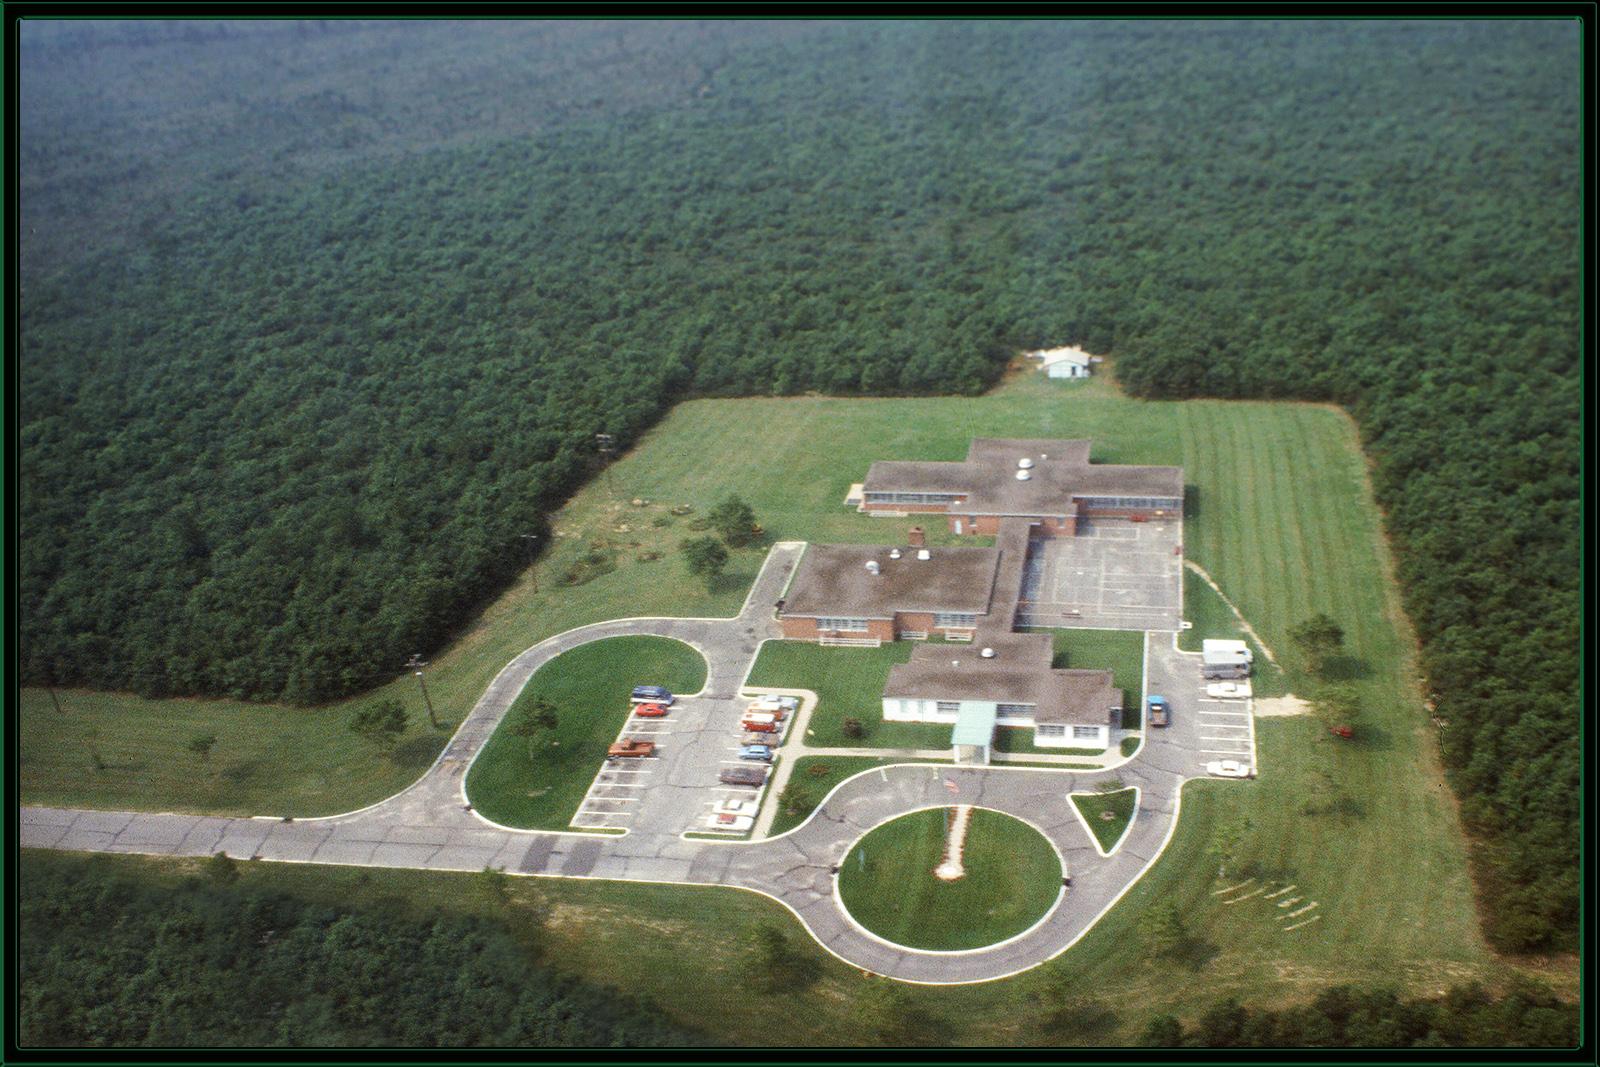 Yaphank Correctional Facility